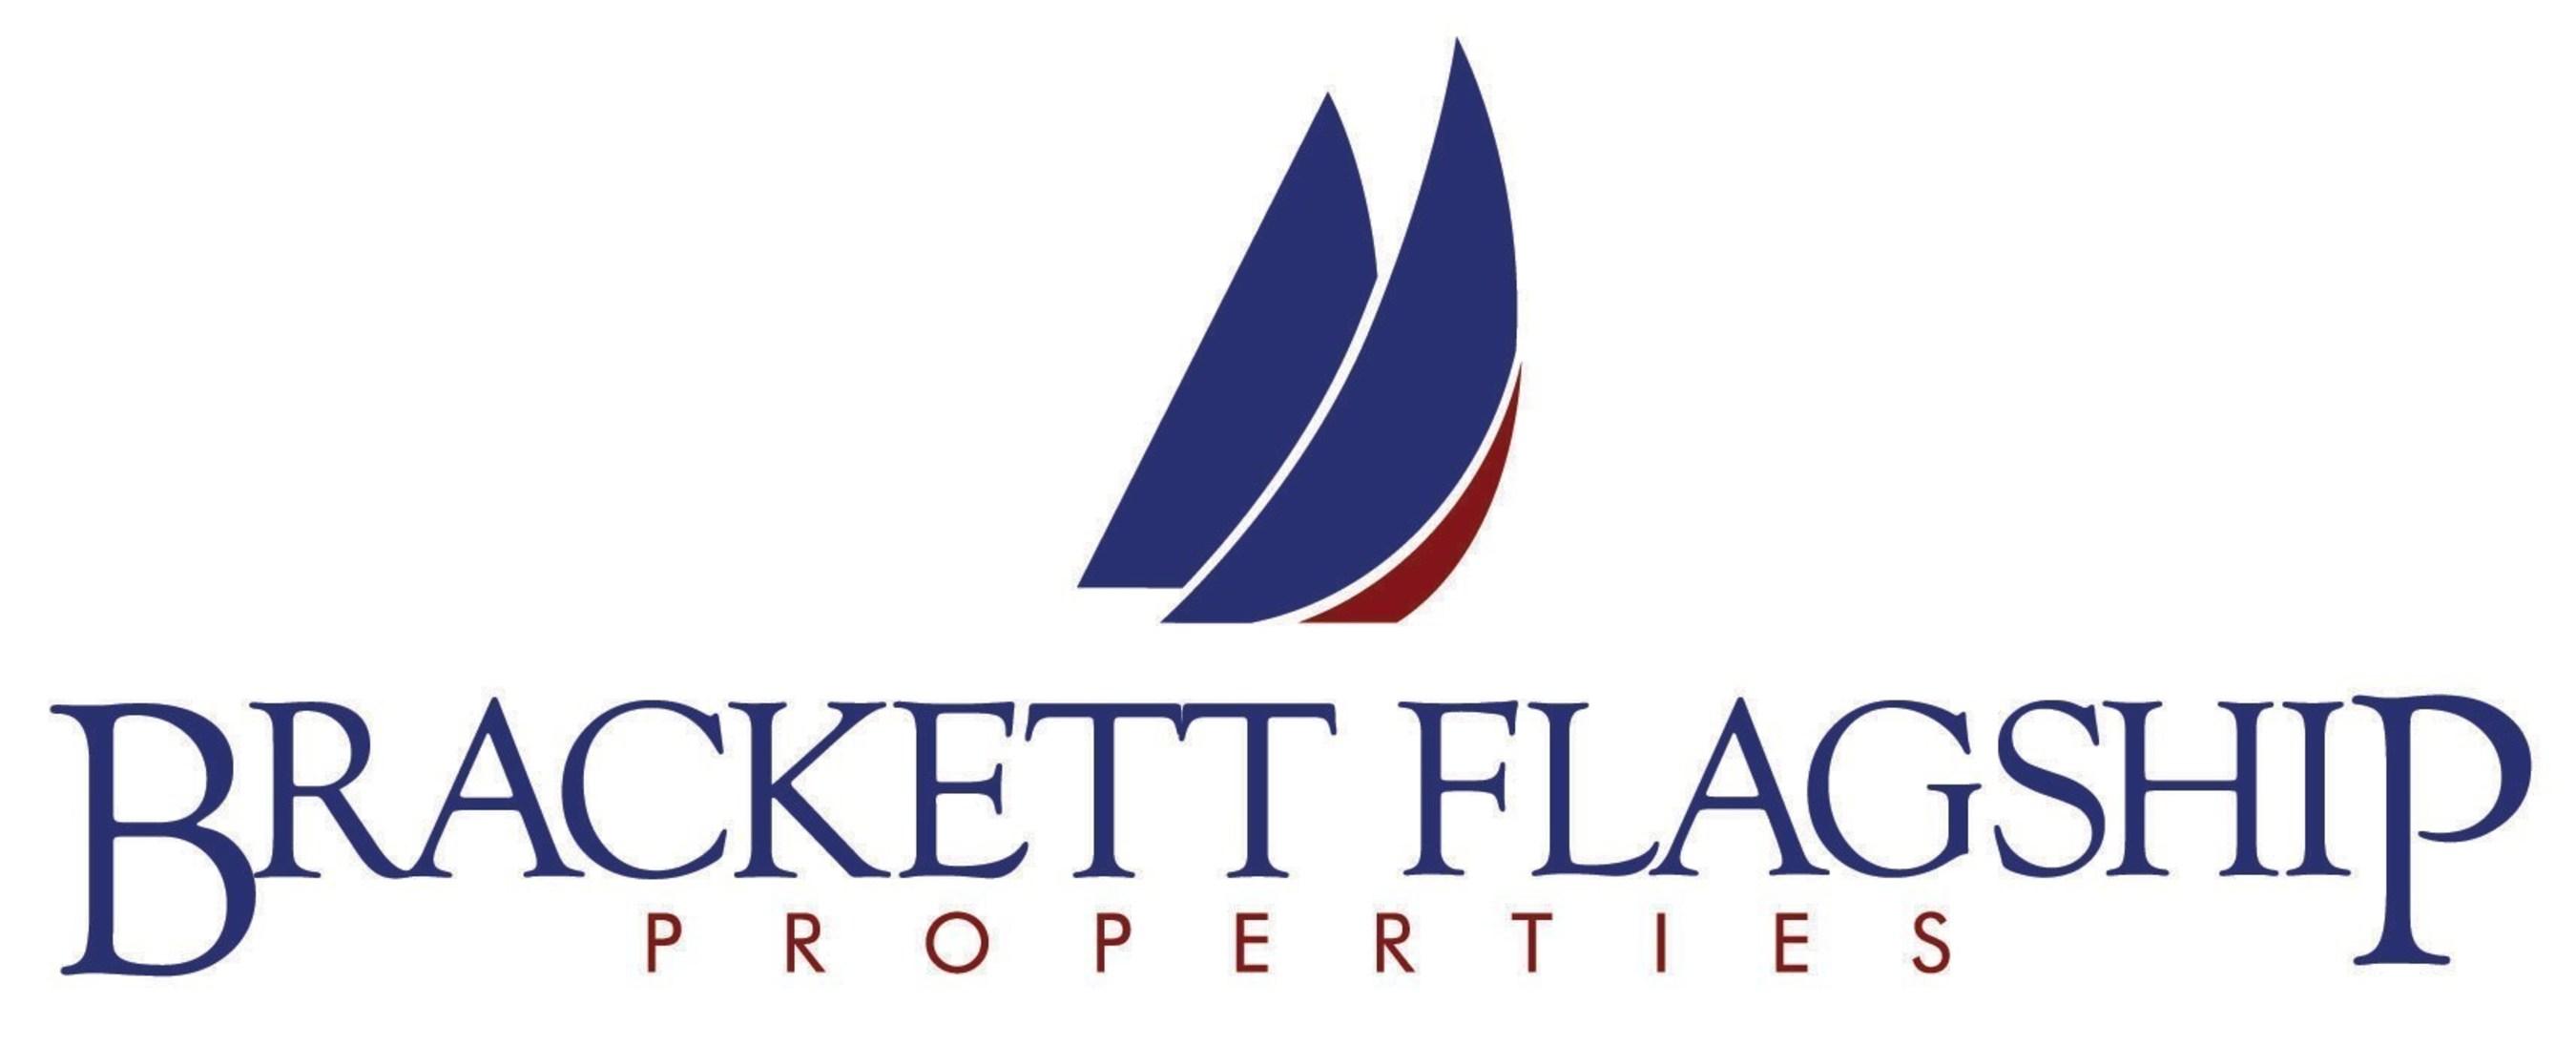 Brackett Flagship Properties